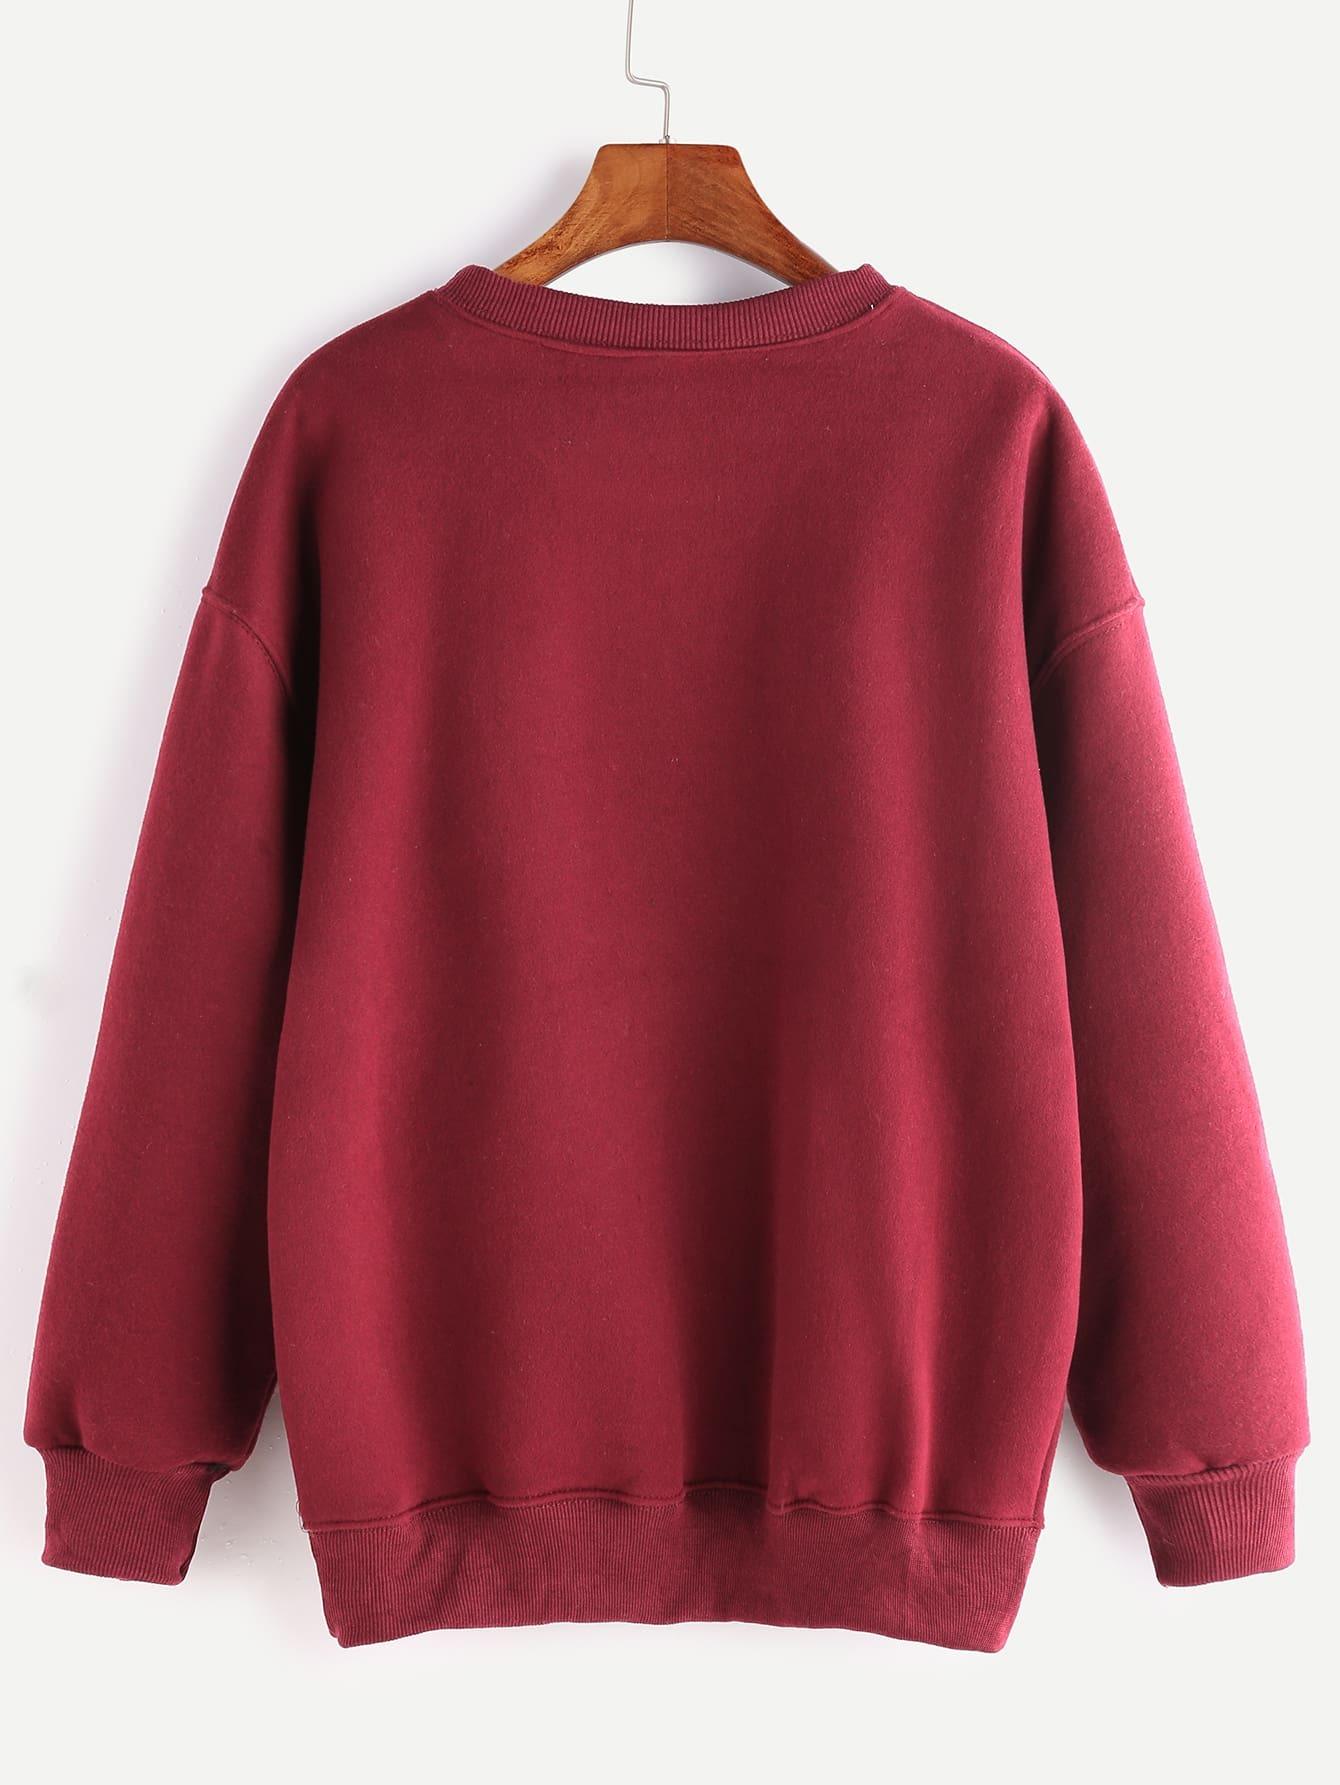 sweatshirt161202004_2